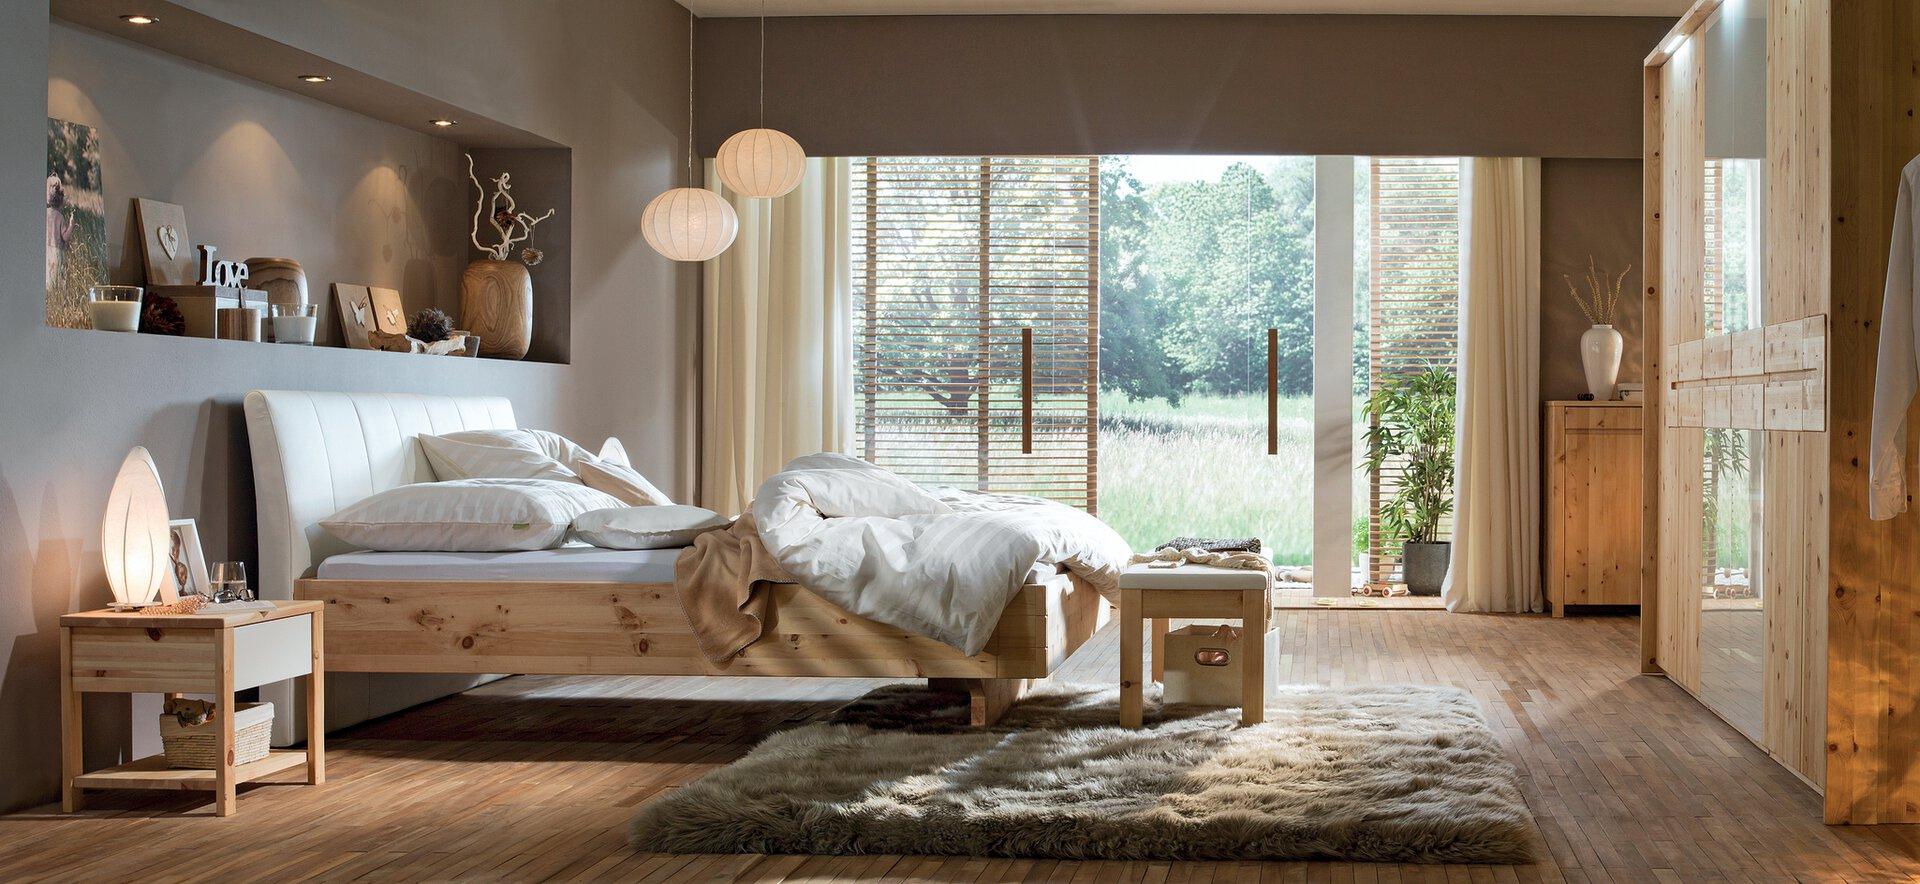 Schlafzimmer CEMBRA Lip Pohistvo Holz 190 x 90 x 210 cm